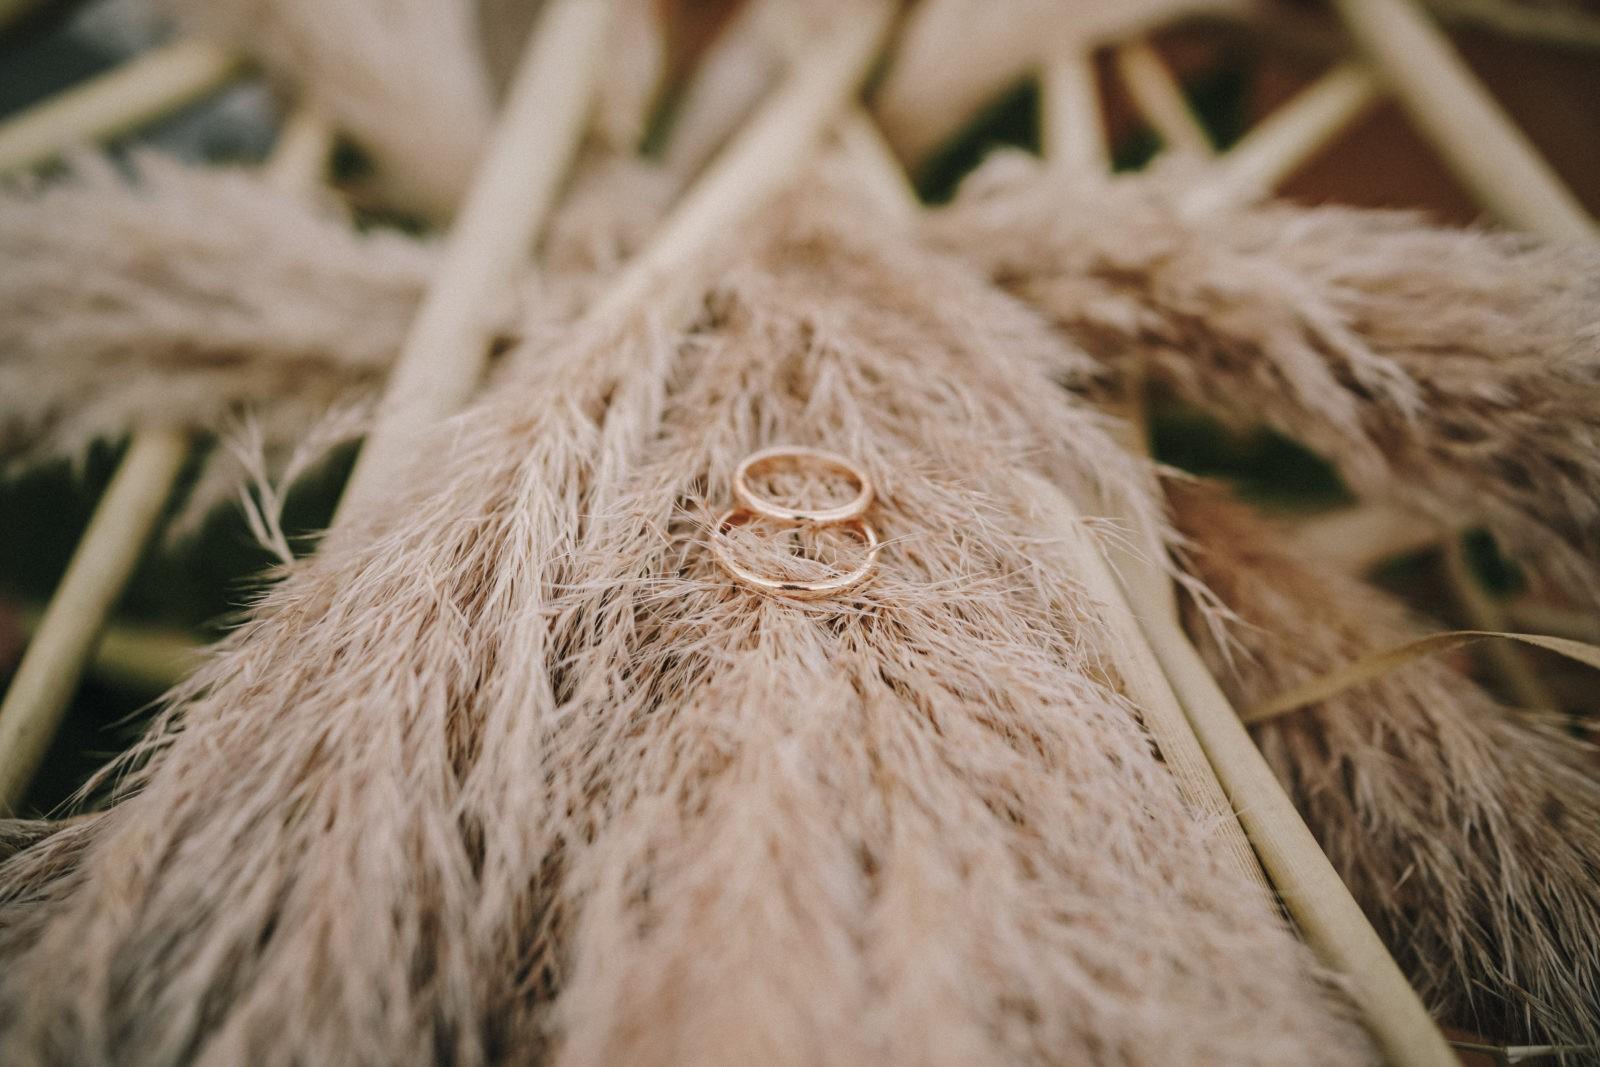 Matrimoni celebrati dai laici: sì del Vaticano. Stop ai tariffari